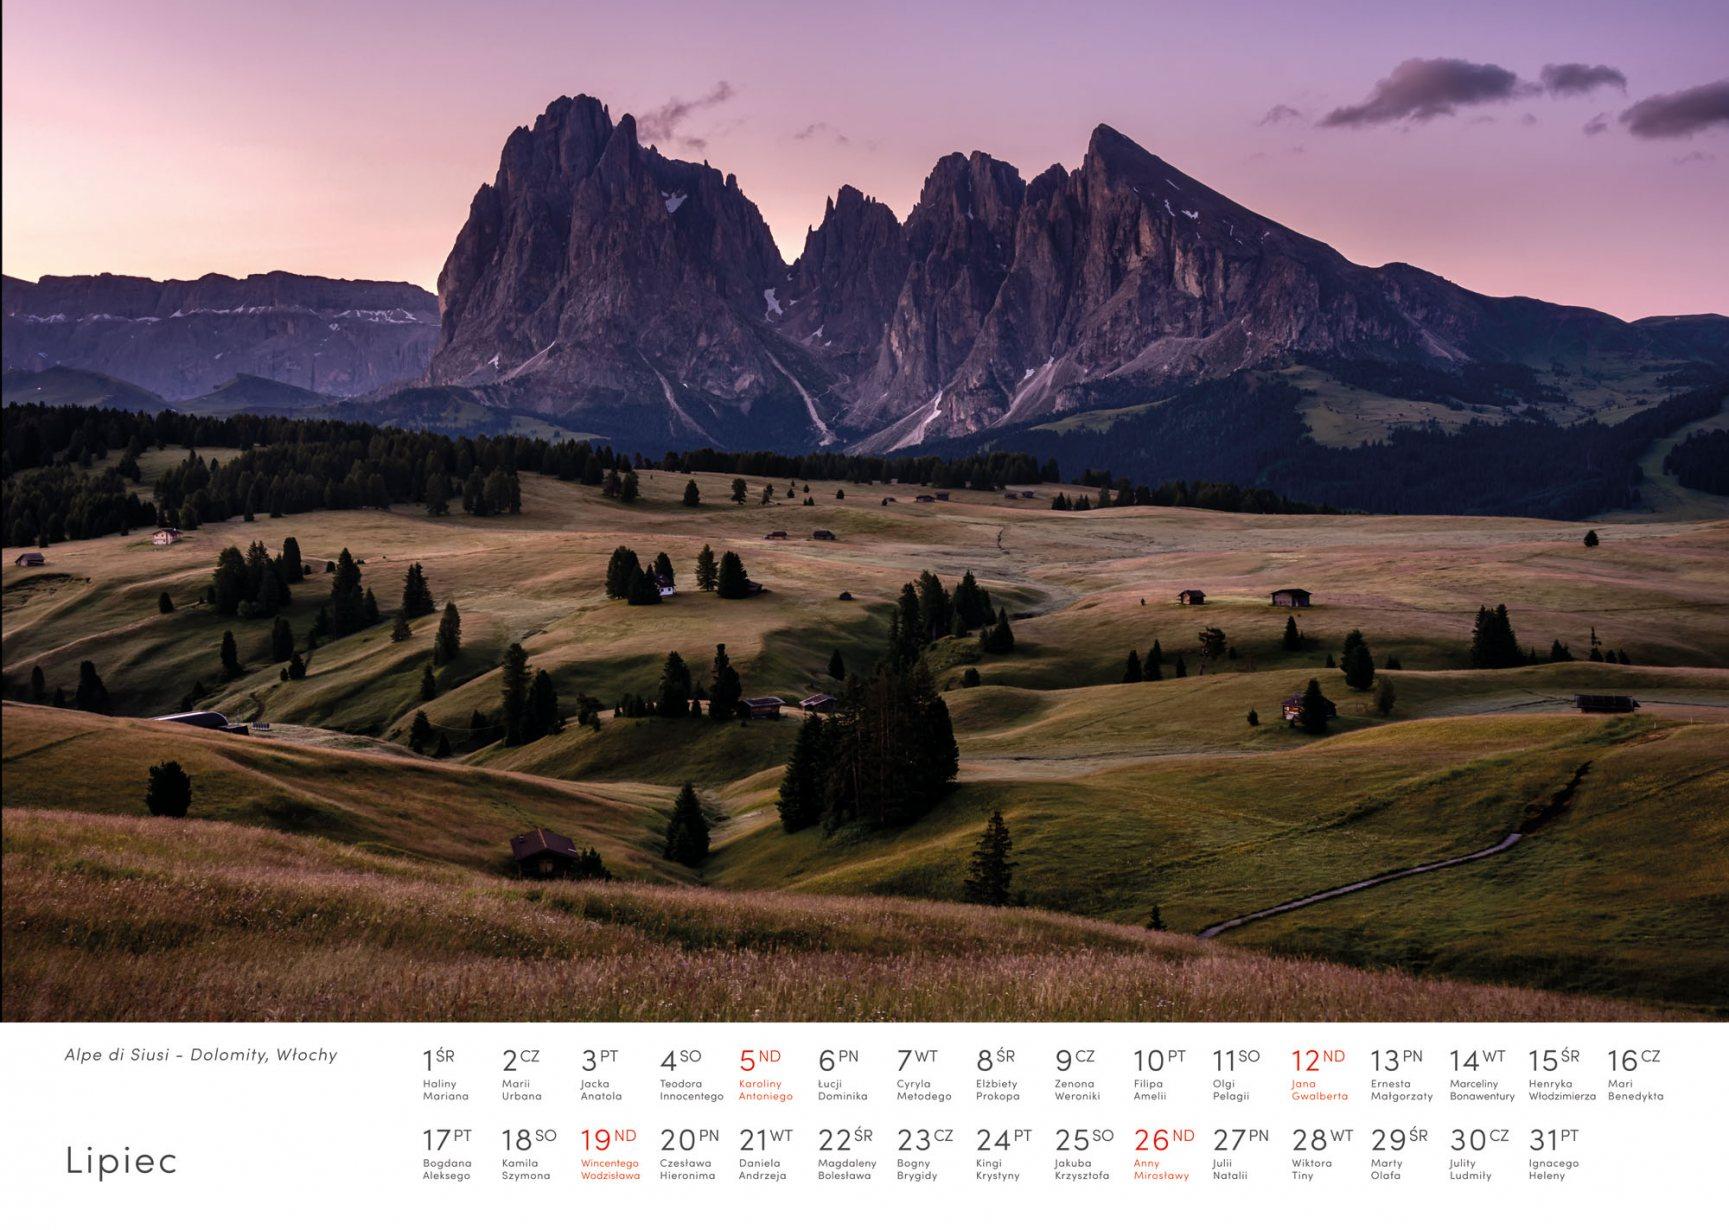 Kalendarz krajobrazy 2020 - Lipiec - Piotr Kałuża - Alpe di Siusi Dolomity